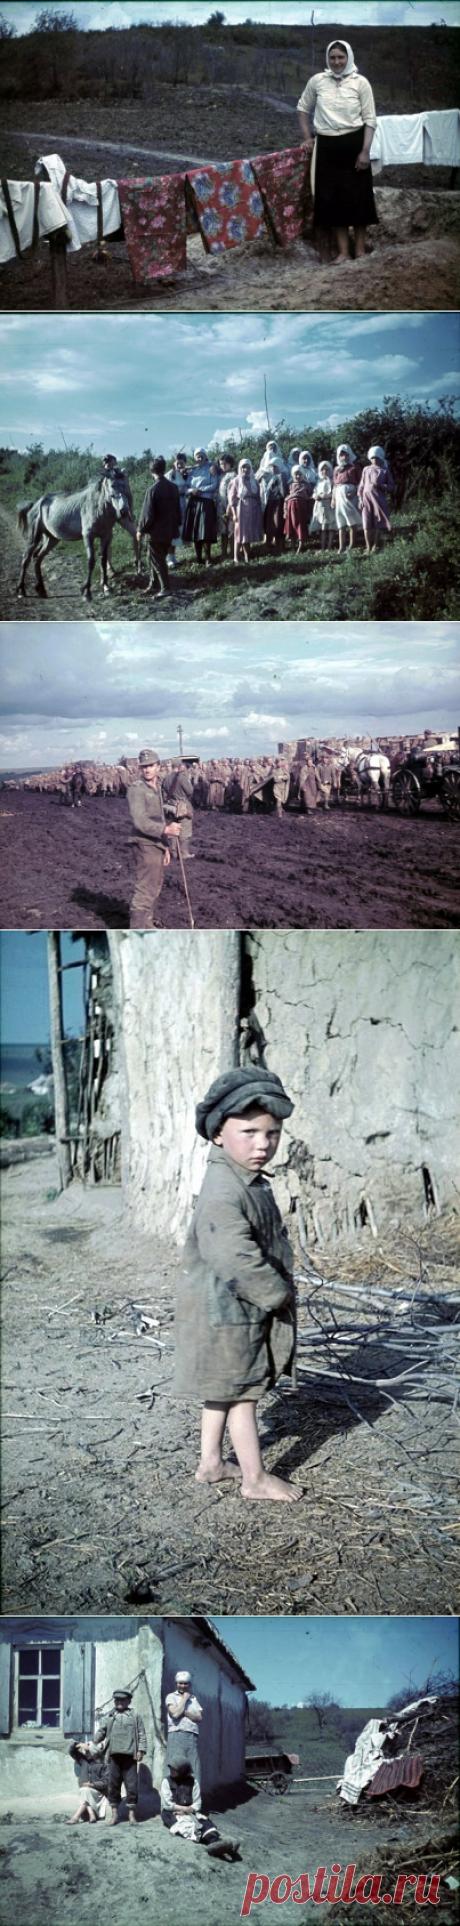 Советские деревни глазами солдата Вермахта В 1942 году молодой немецкий фотограф Франц Грёссер (26.03.1911 — 13.11.1944) в составе войск нацисткой Германии оказался на Восточном фронте.